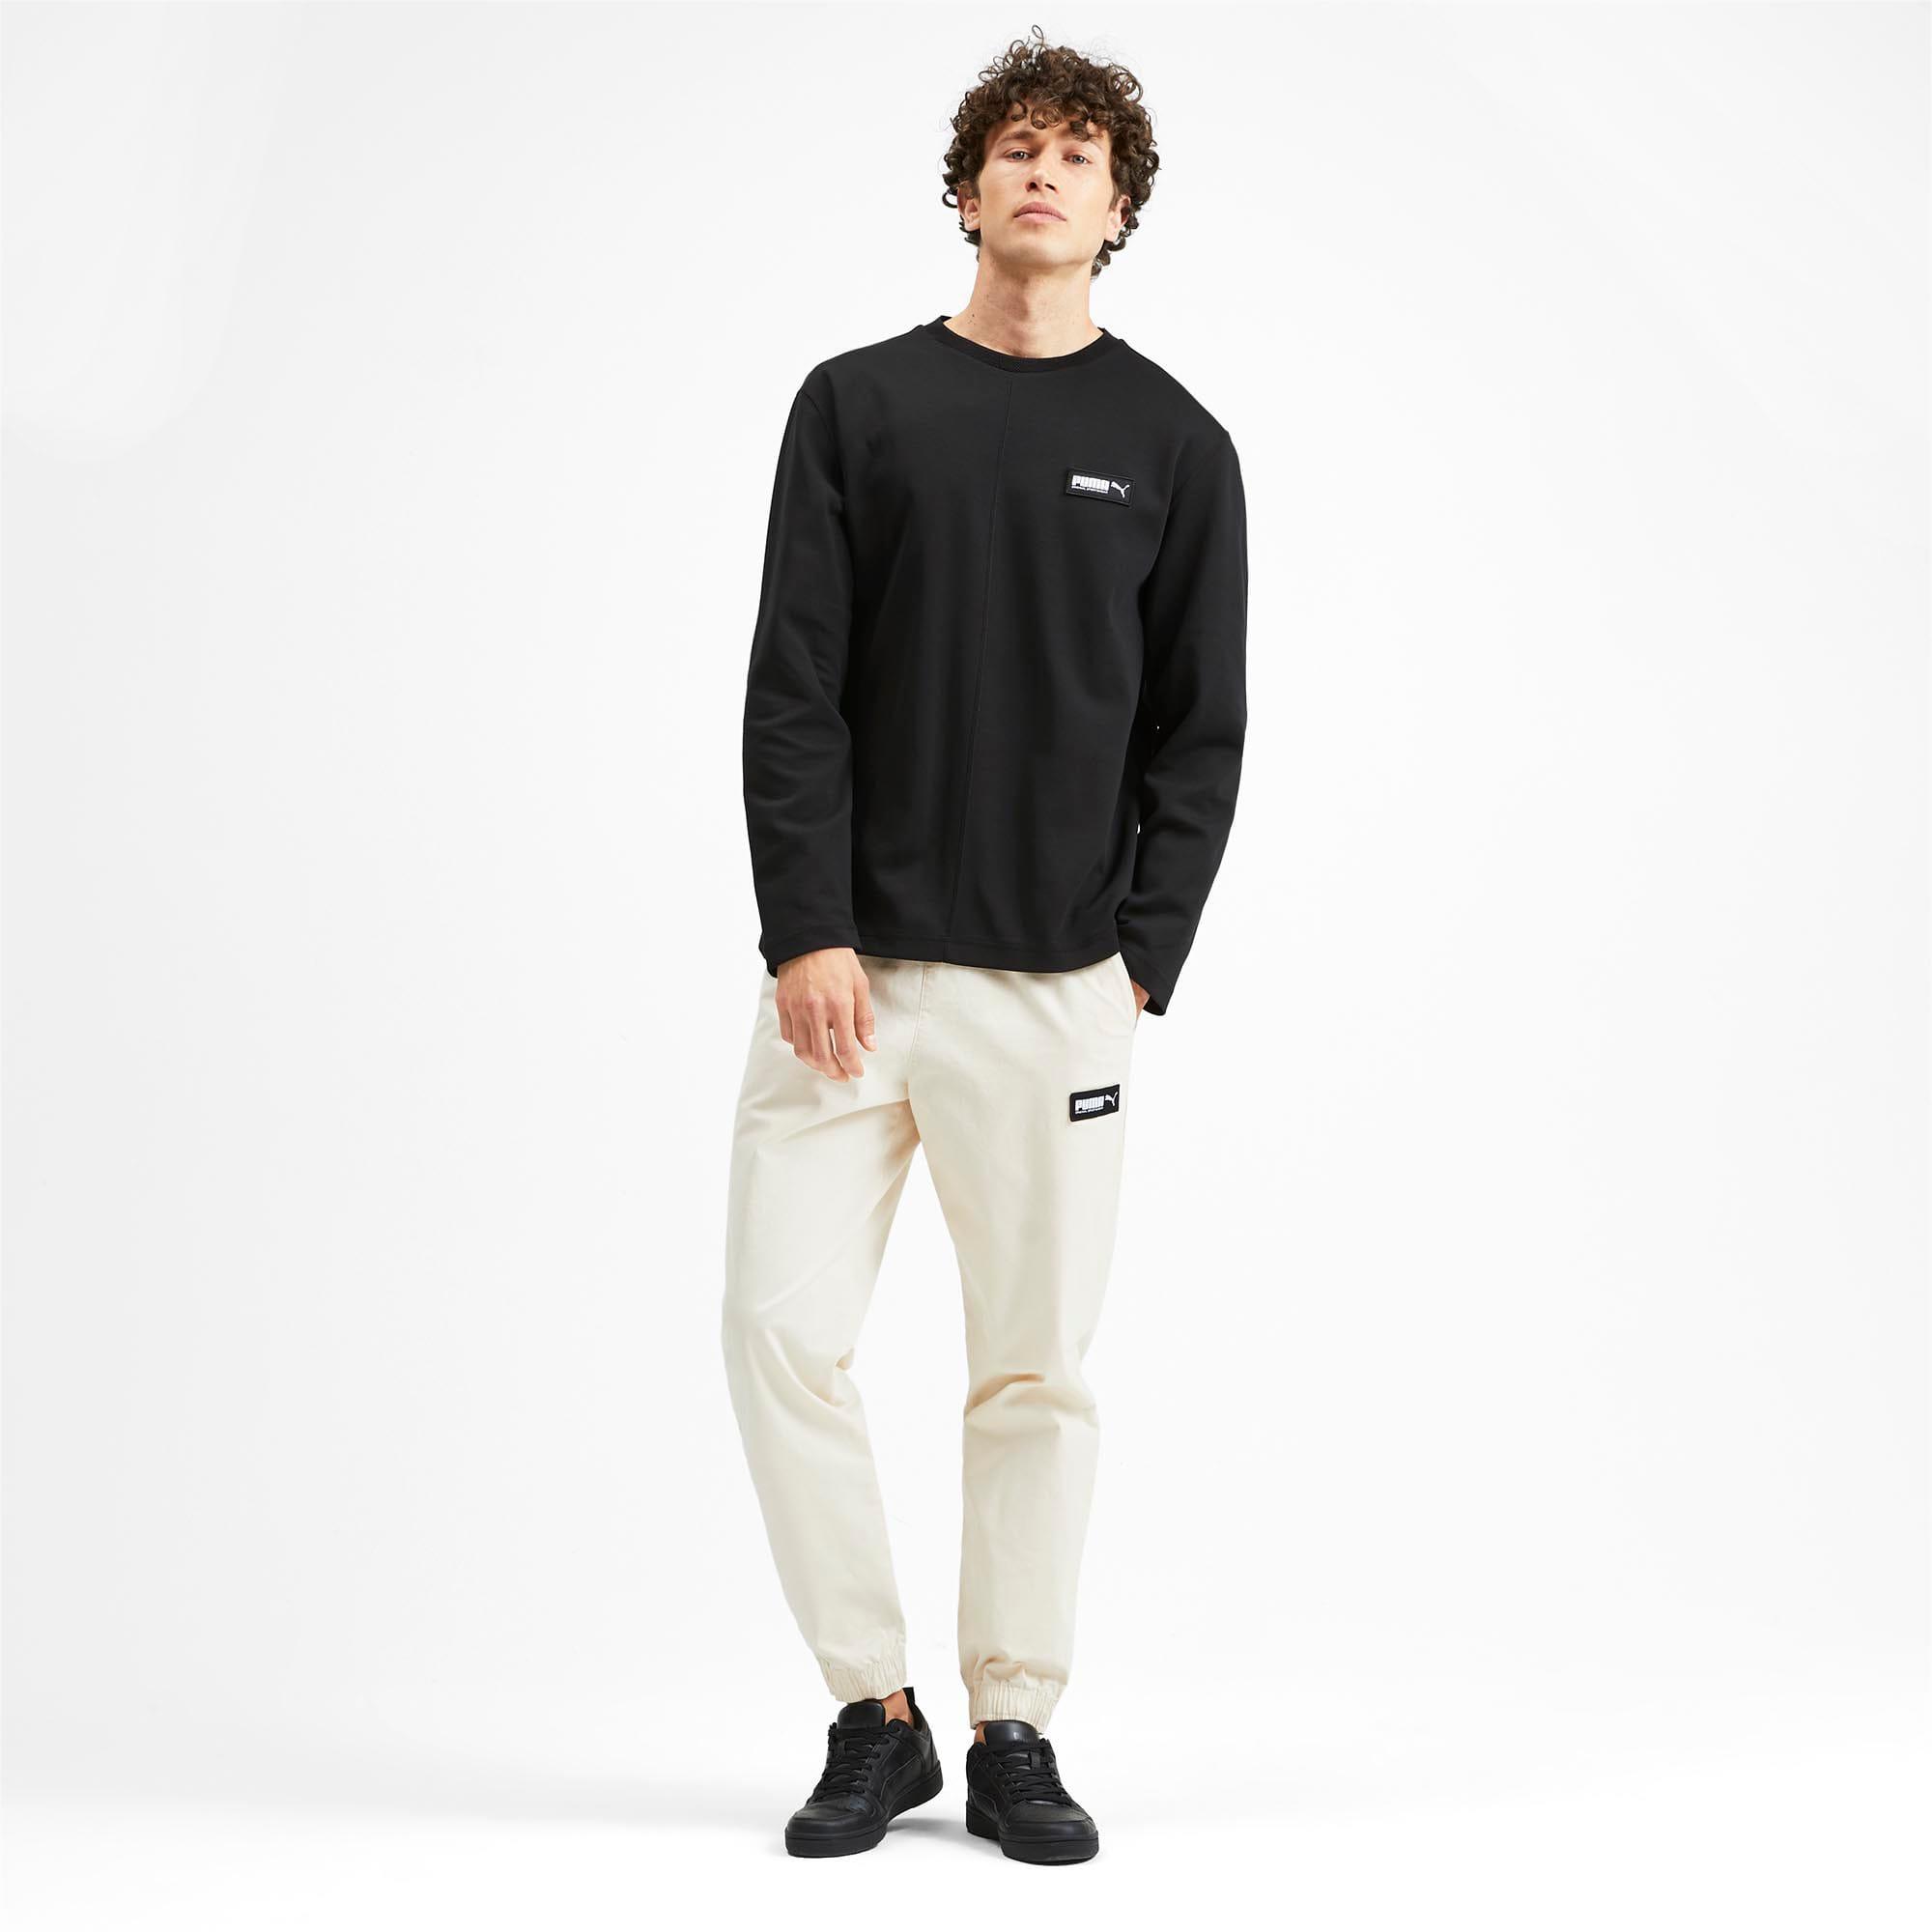 Thumbnail 3 of Fusion Crew Neck Men's Sweater, Puma Black, medium